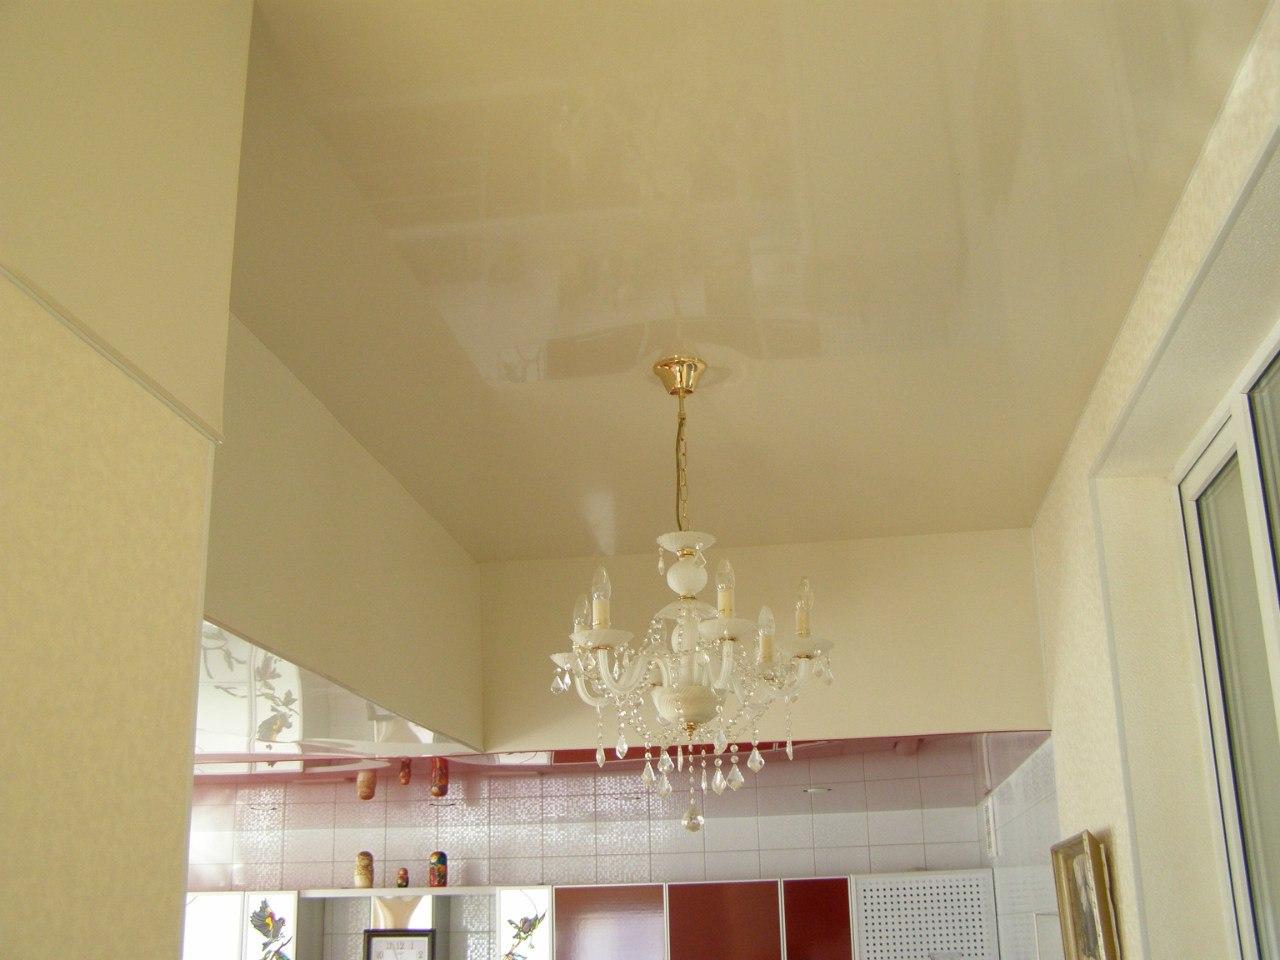 этого можно натяжные потолки палитра цветов фото для кухни нажать, откроется окно